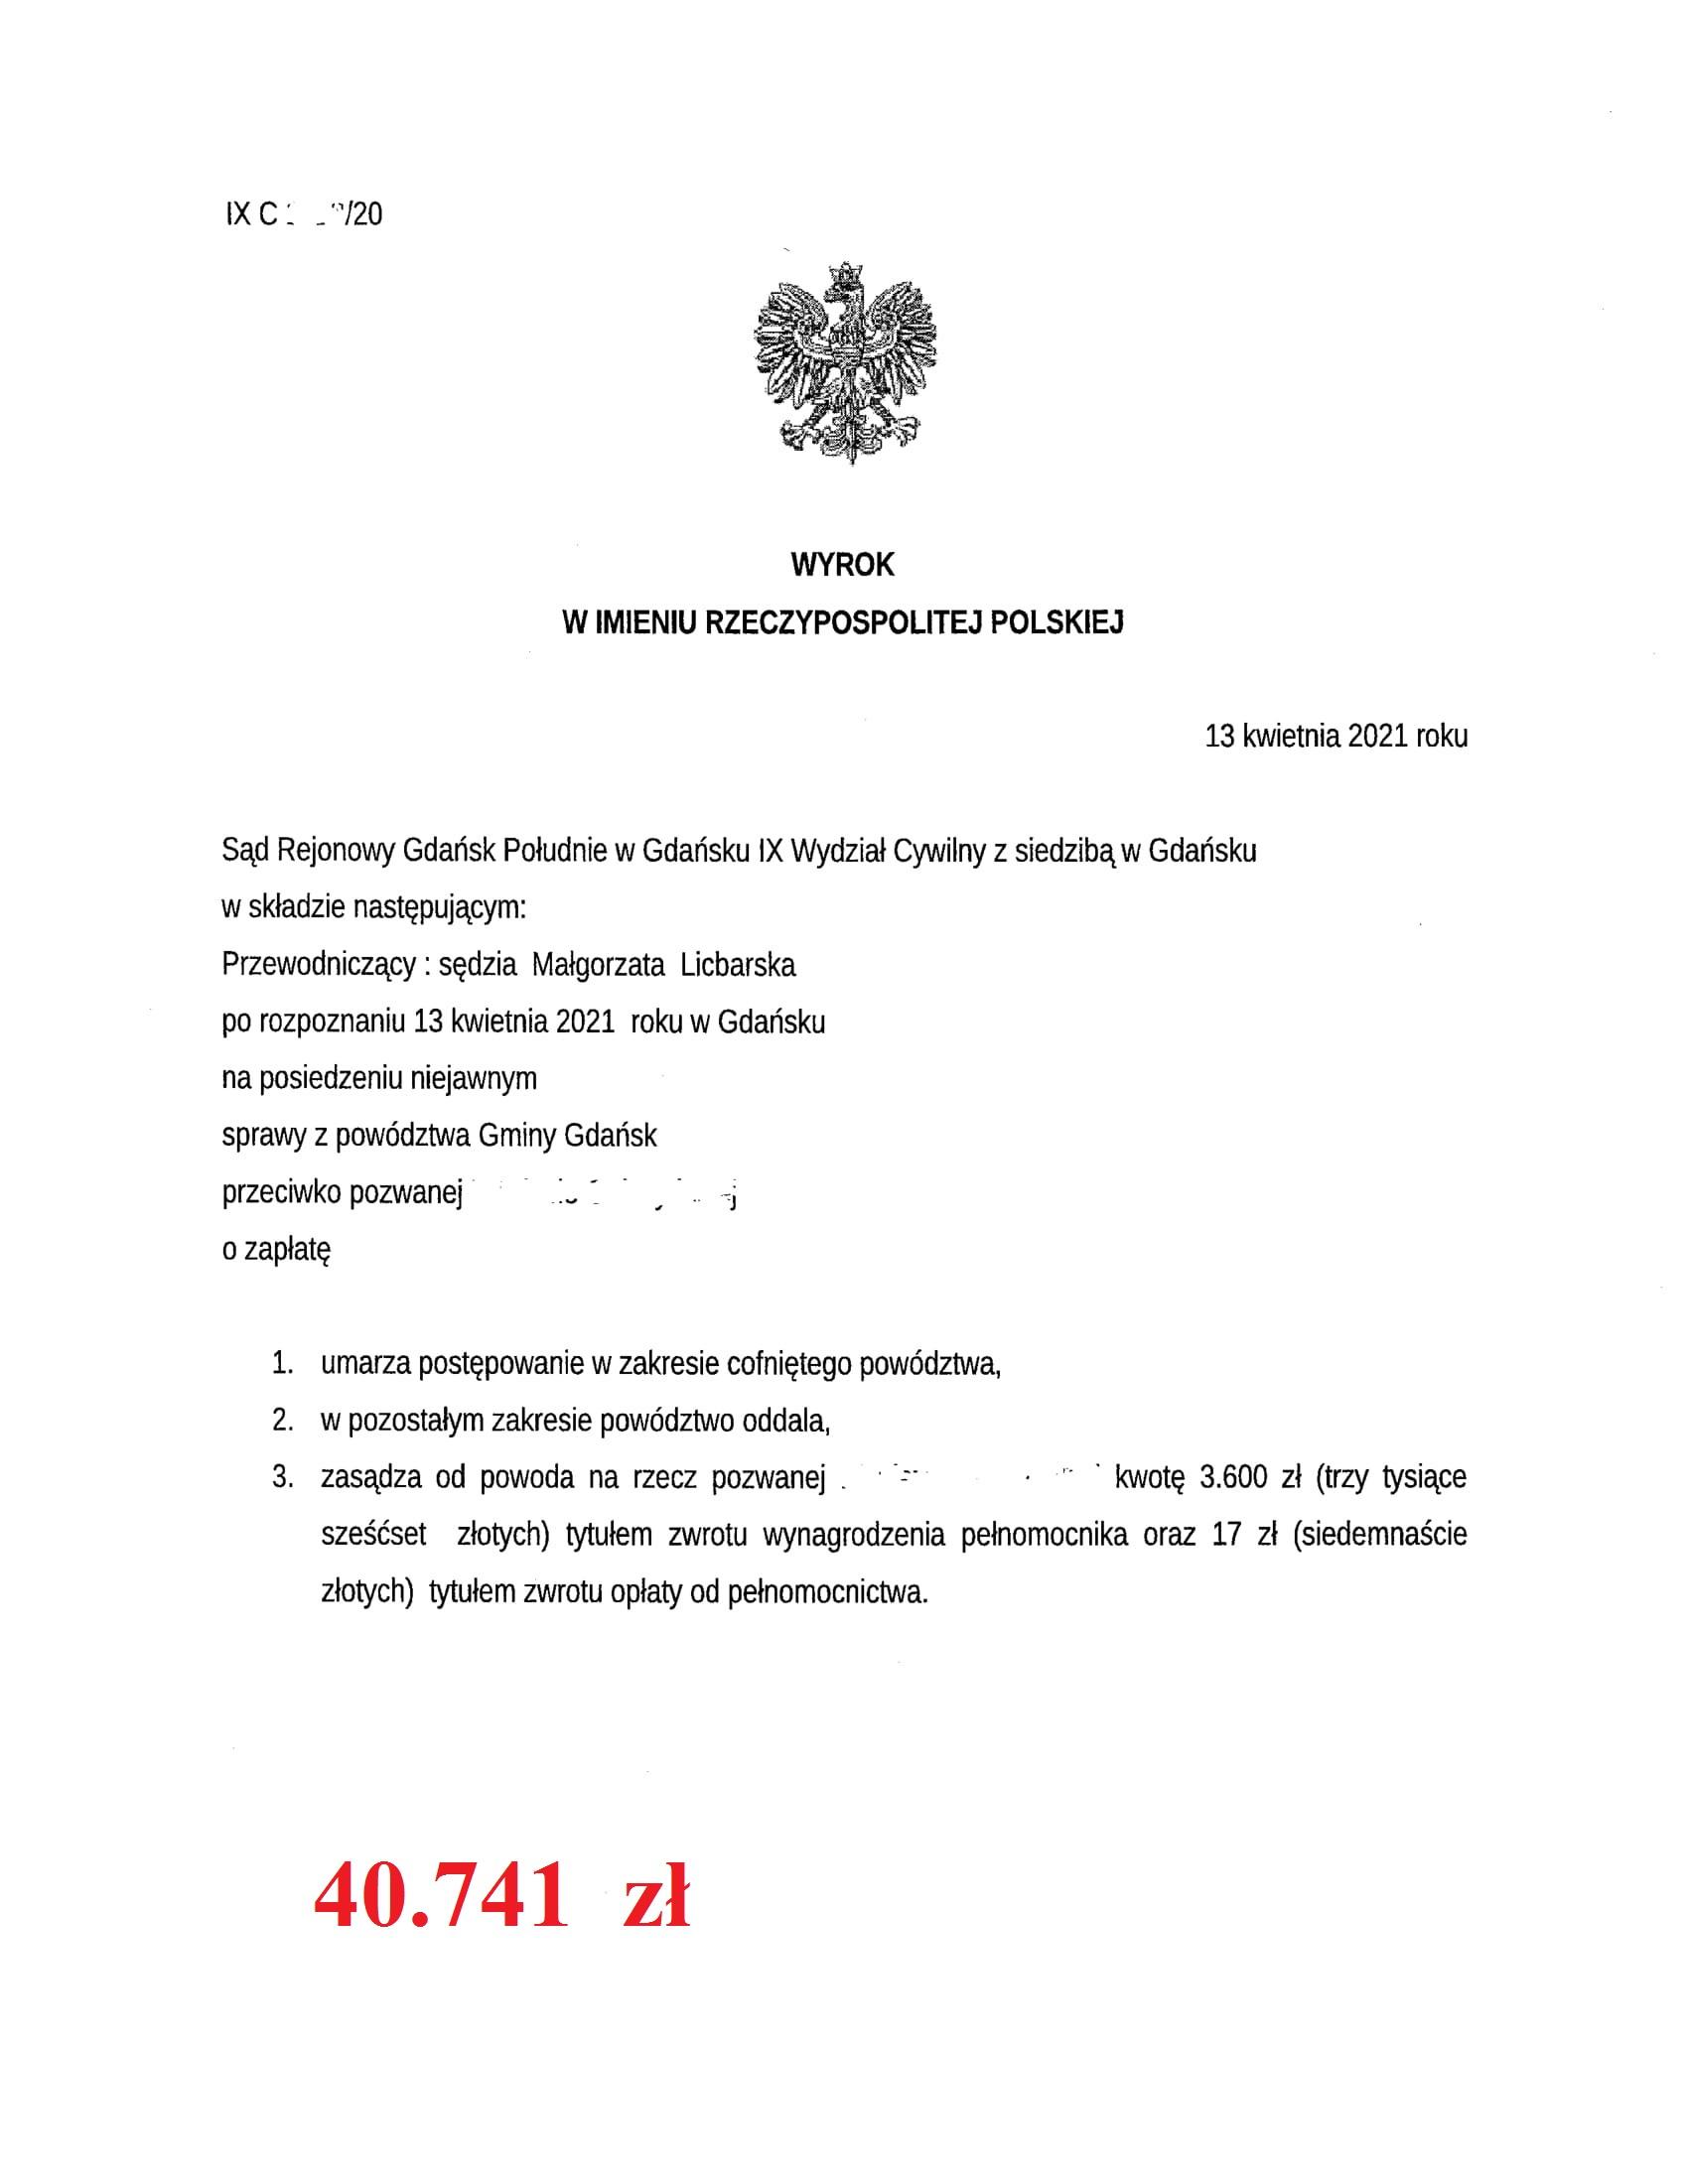 Wyrok z dnia 13.04.2021